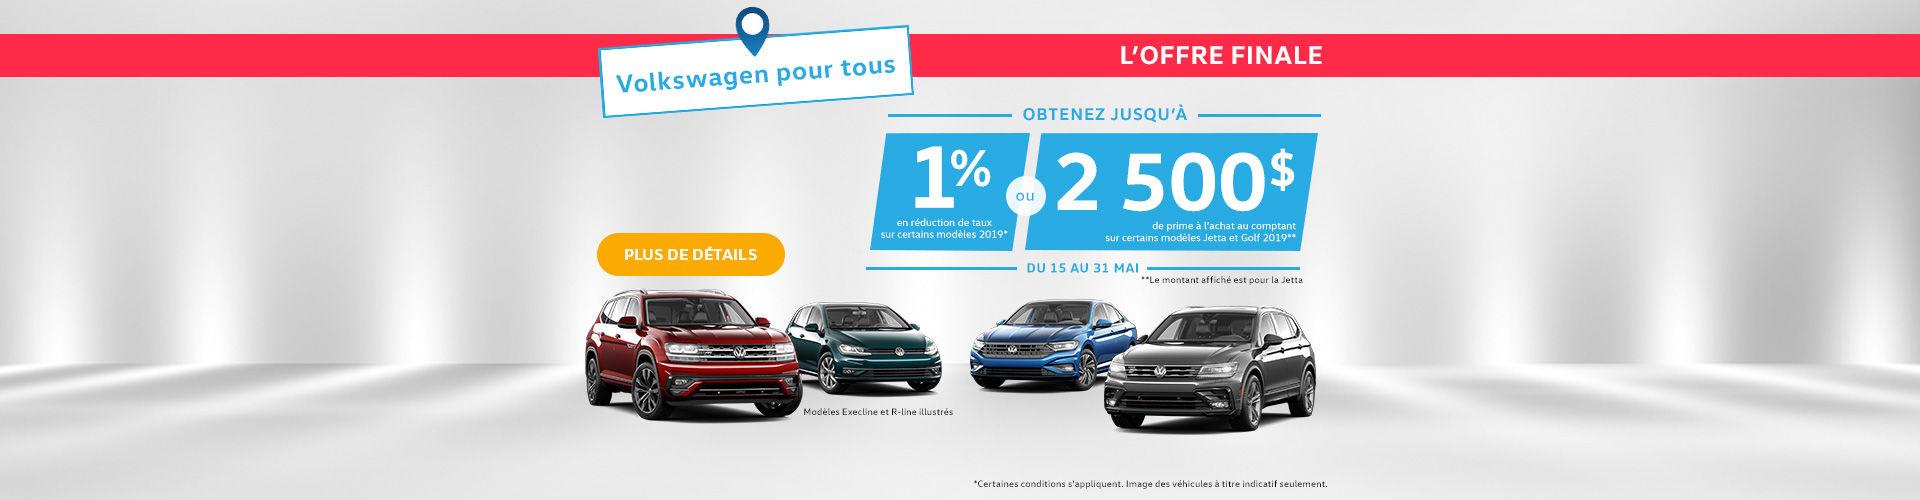 Événement Volkswagen pour tous short sale